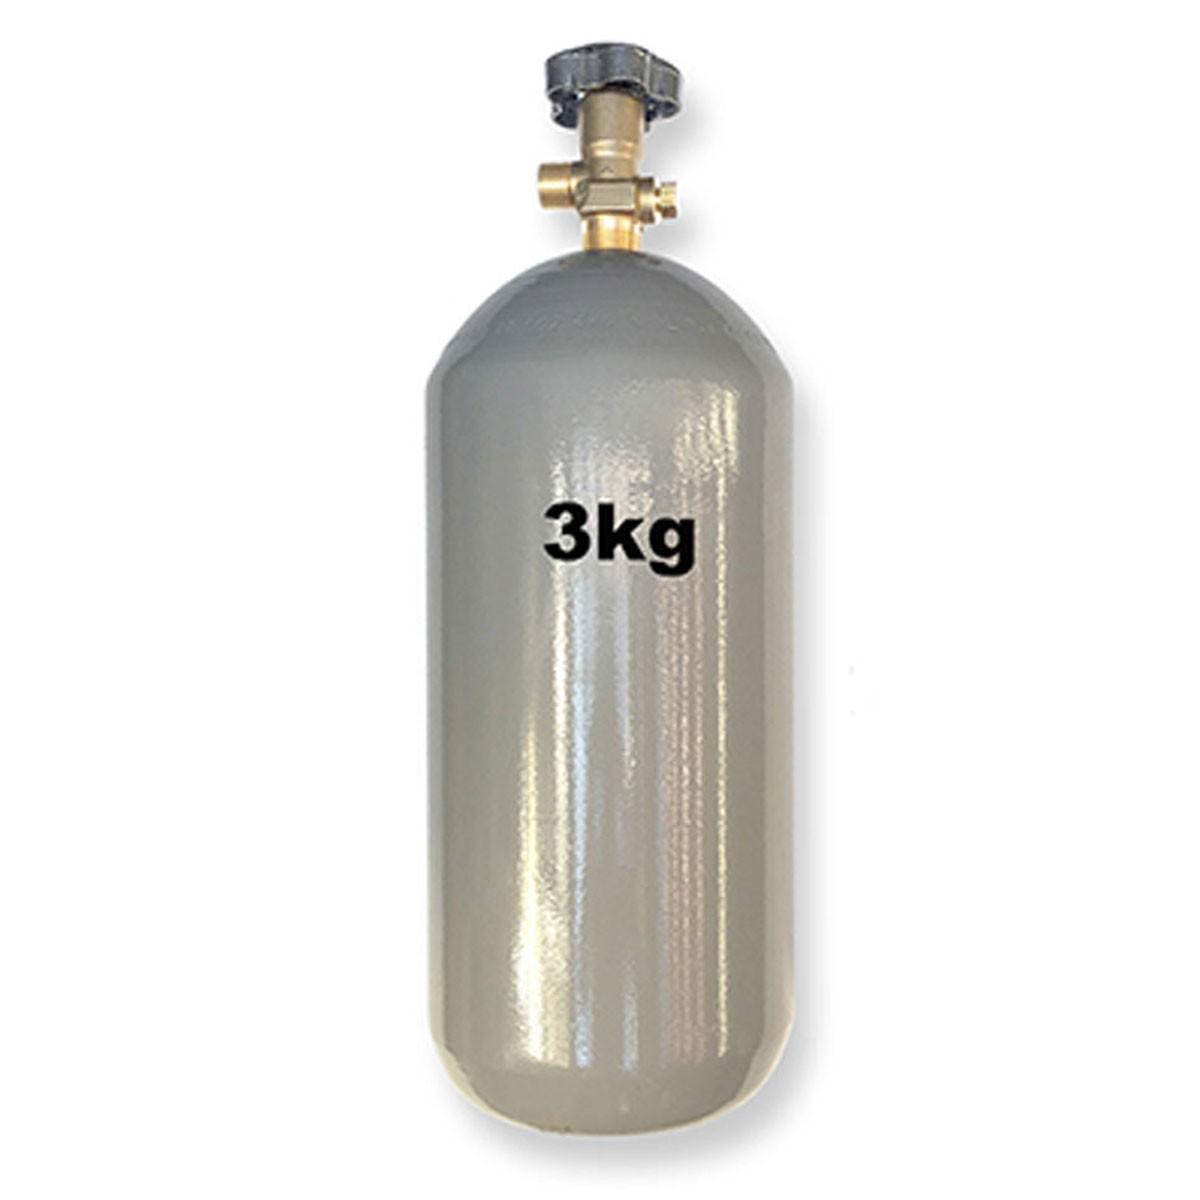 Kit Extração 1 Via + Cilindro Co2 3Kg Para Chopp Ou Cerveja Artesanal